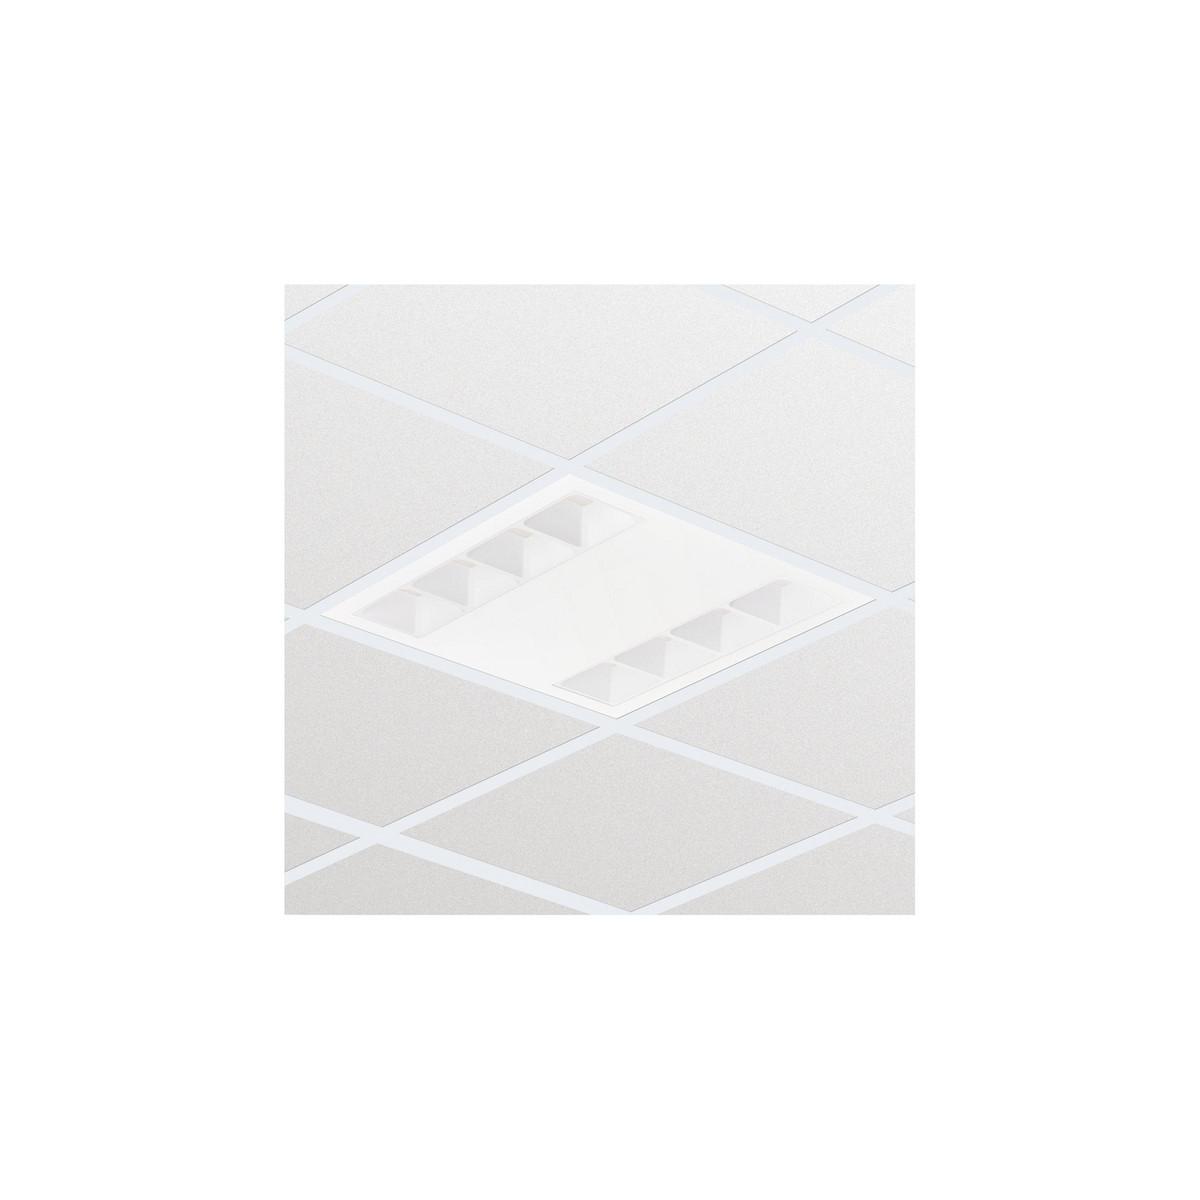 Philips PowerBalance Indbyg RC360B LED 3400lm/930 DALI 60x60 Synlig T-skinne